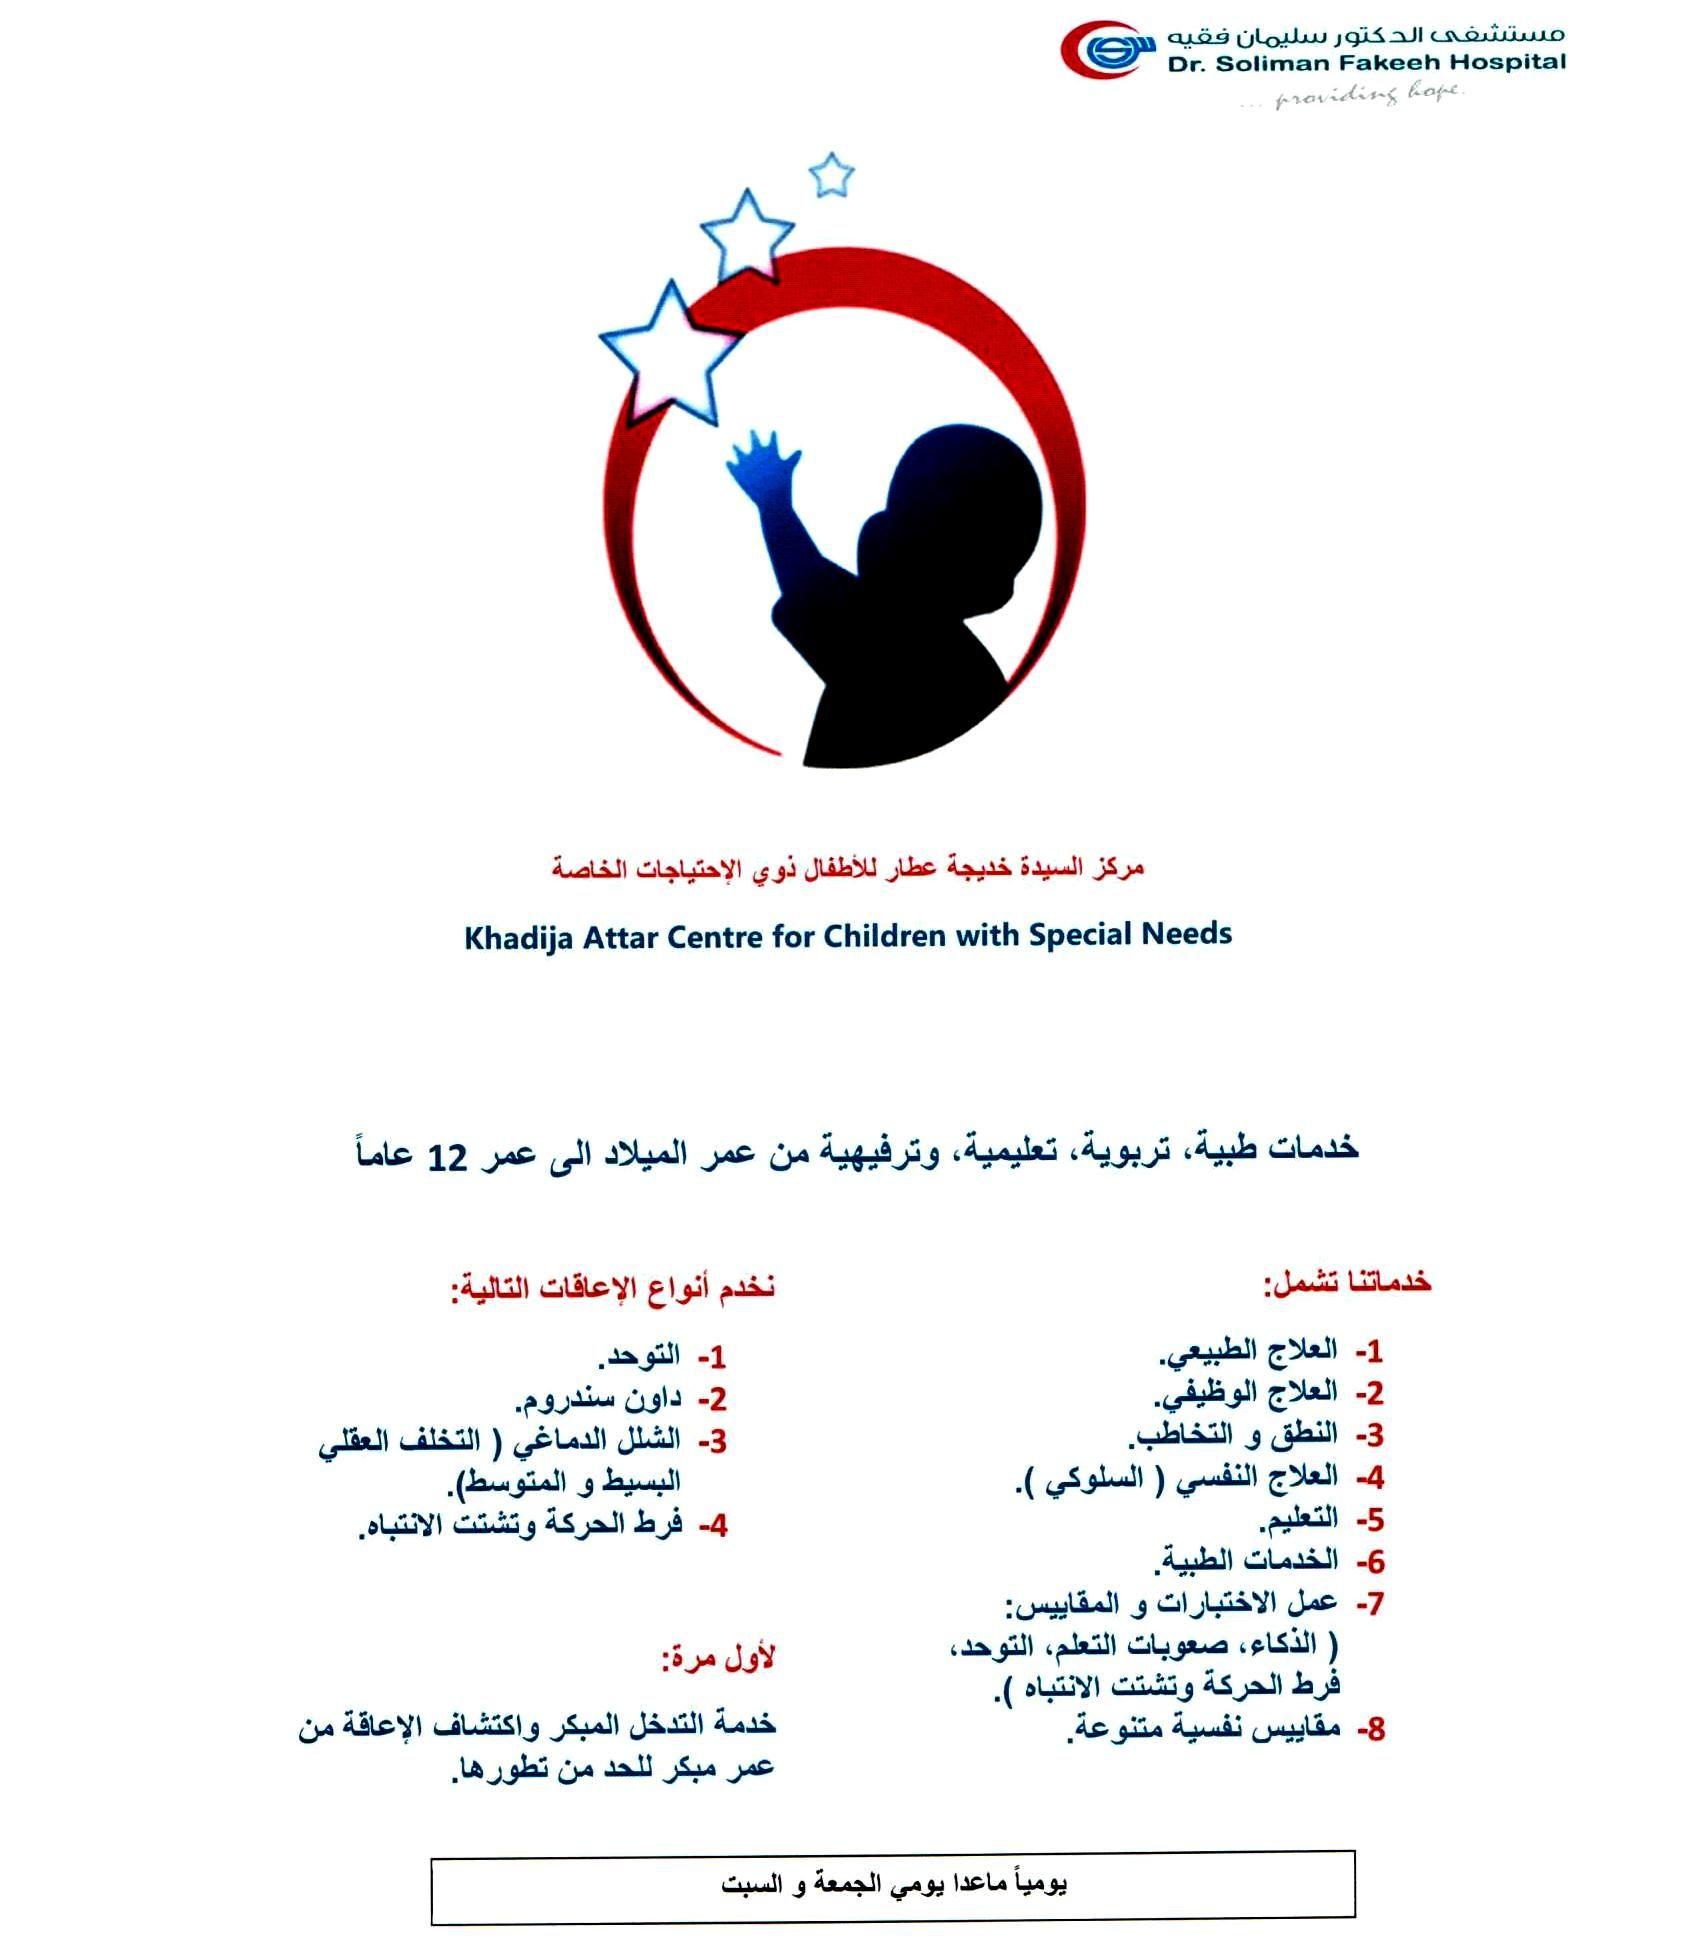 مركز السيدة خديجه عطار Khadijah Attar Center Hospital Special Needs